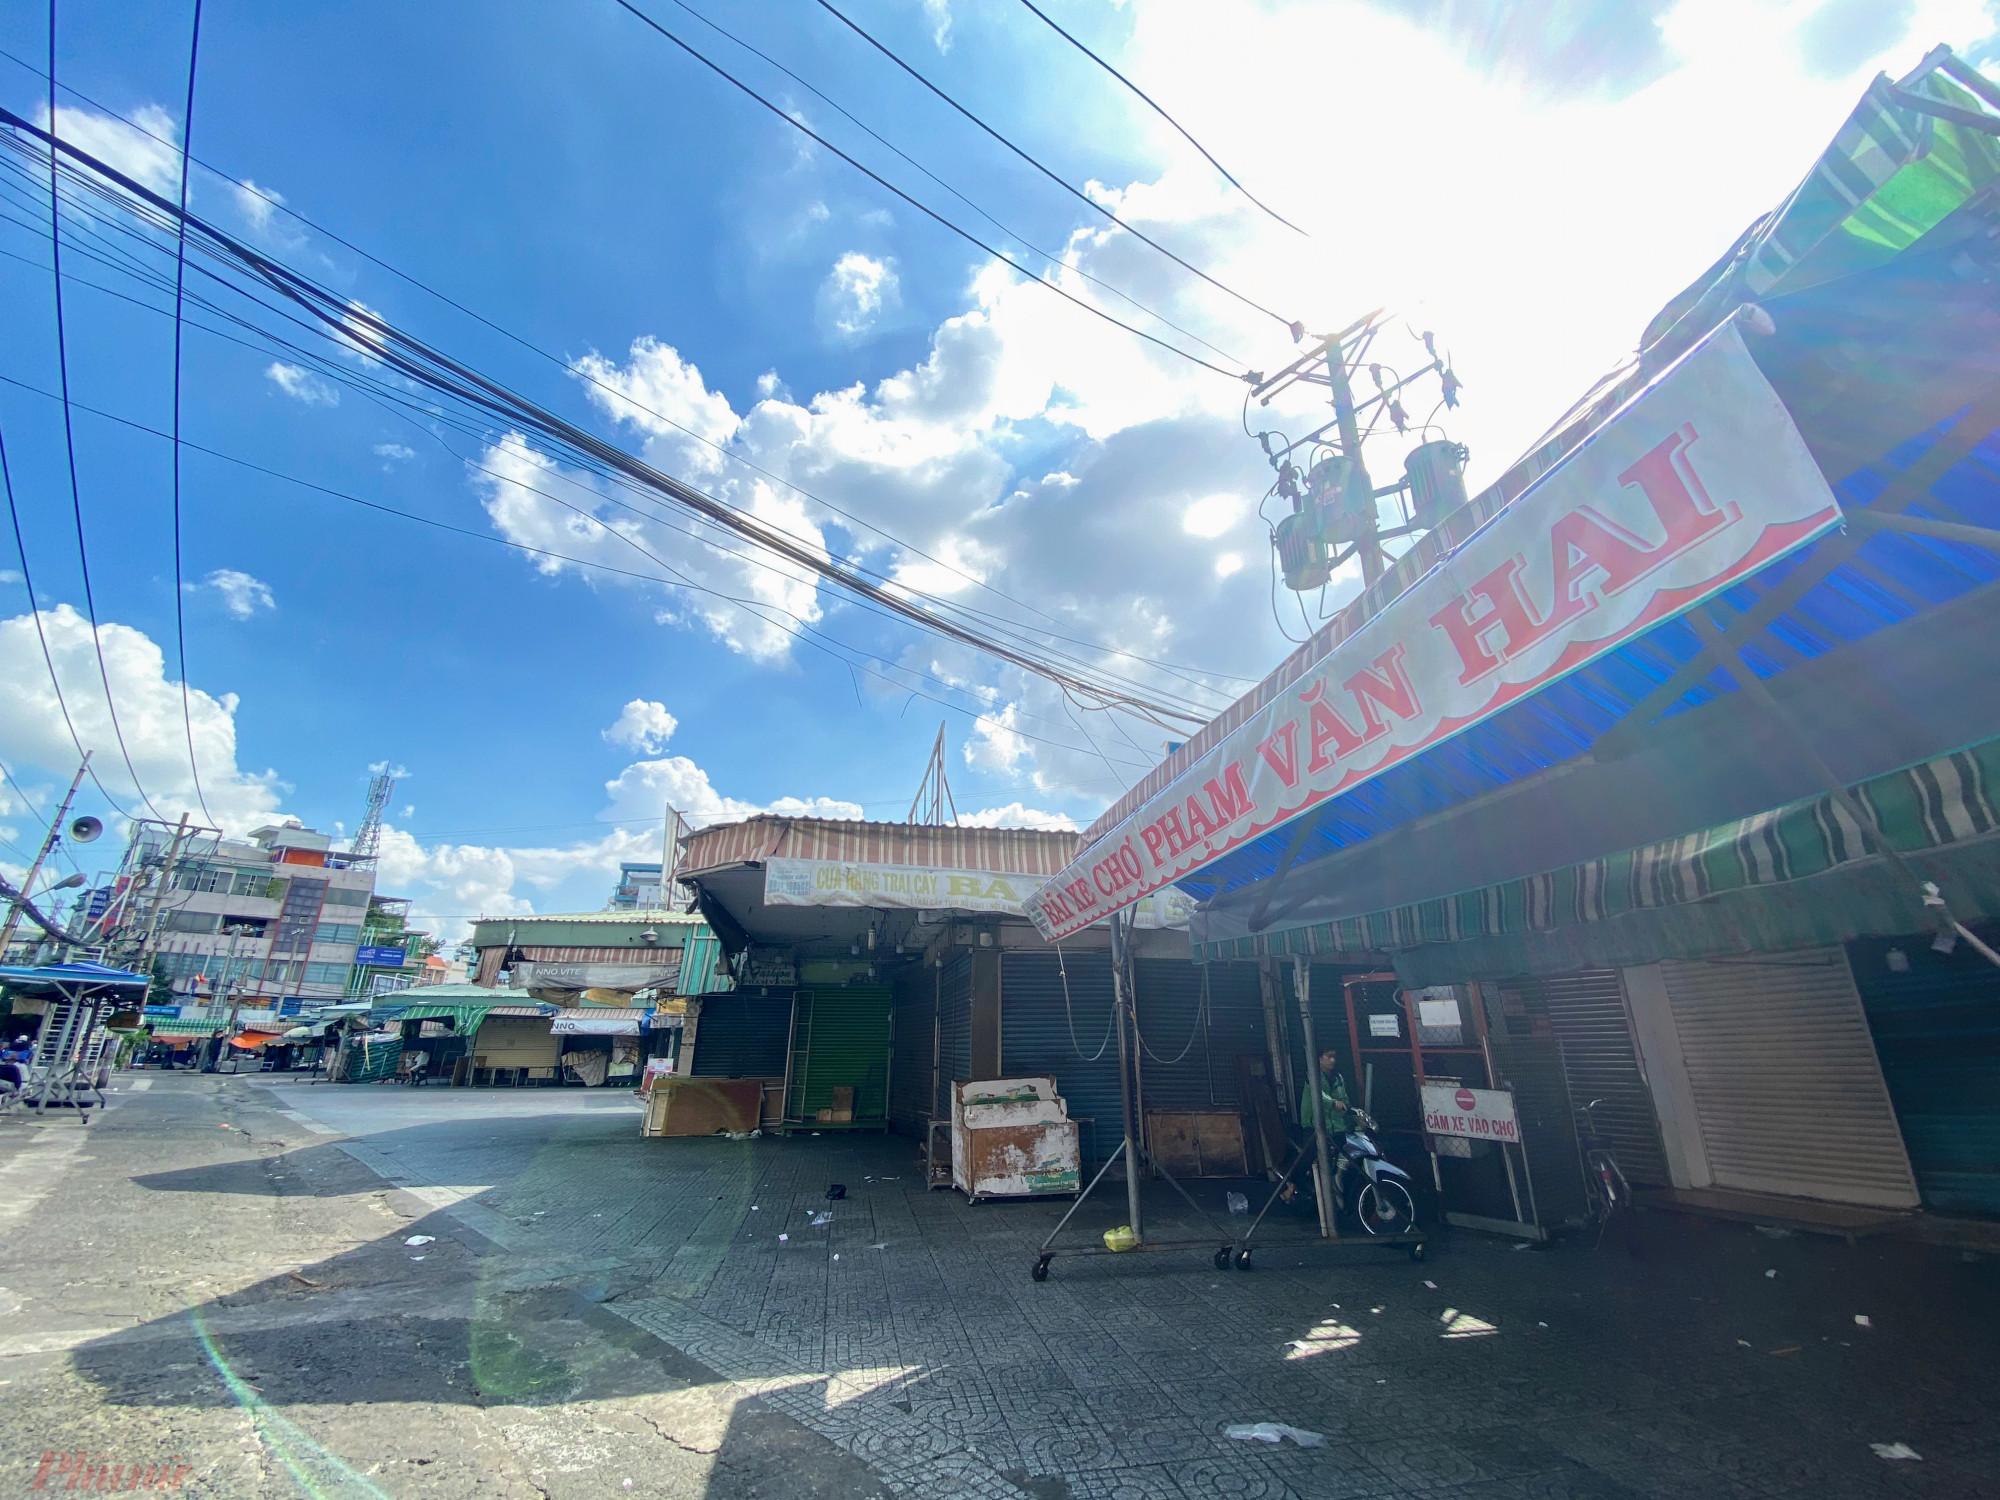 Tương  tự, tại  khu  vực  chợ  Phạm Văn Hai  (quận  Tân  Bình), chợ  đặt  bản  tạm  ngưng kinh doanh với các sạp bên trong chợ, bên  hông  chợ  khu  vực  đường